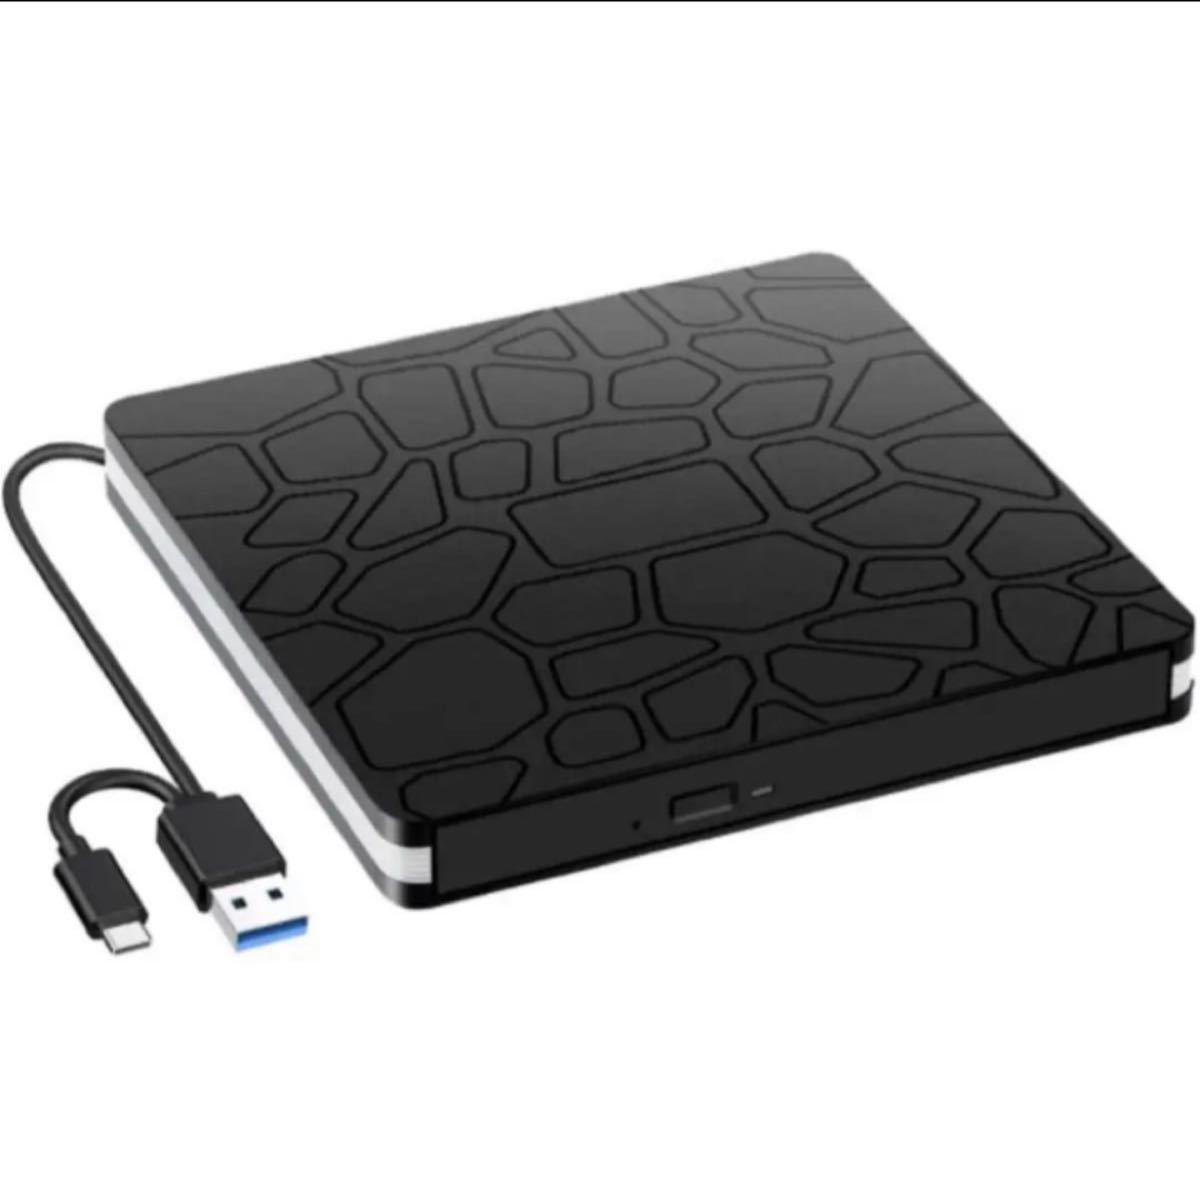 USB3.0 Type C 外付け DVDドライブ CD/DVDプレーヤー Type Cポート搭載 高速 薄型 静音